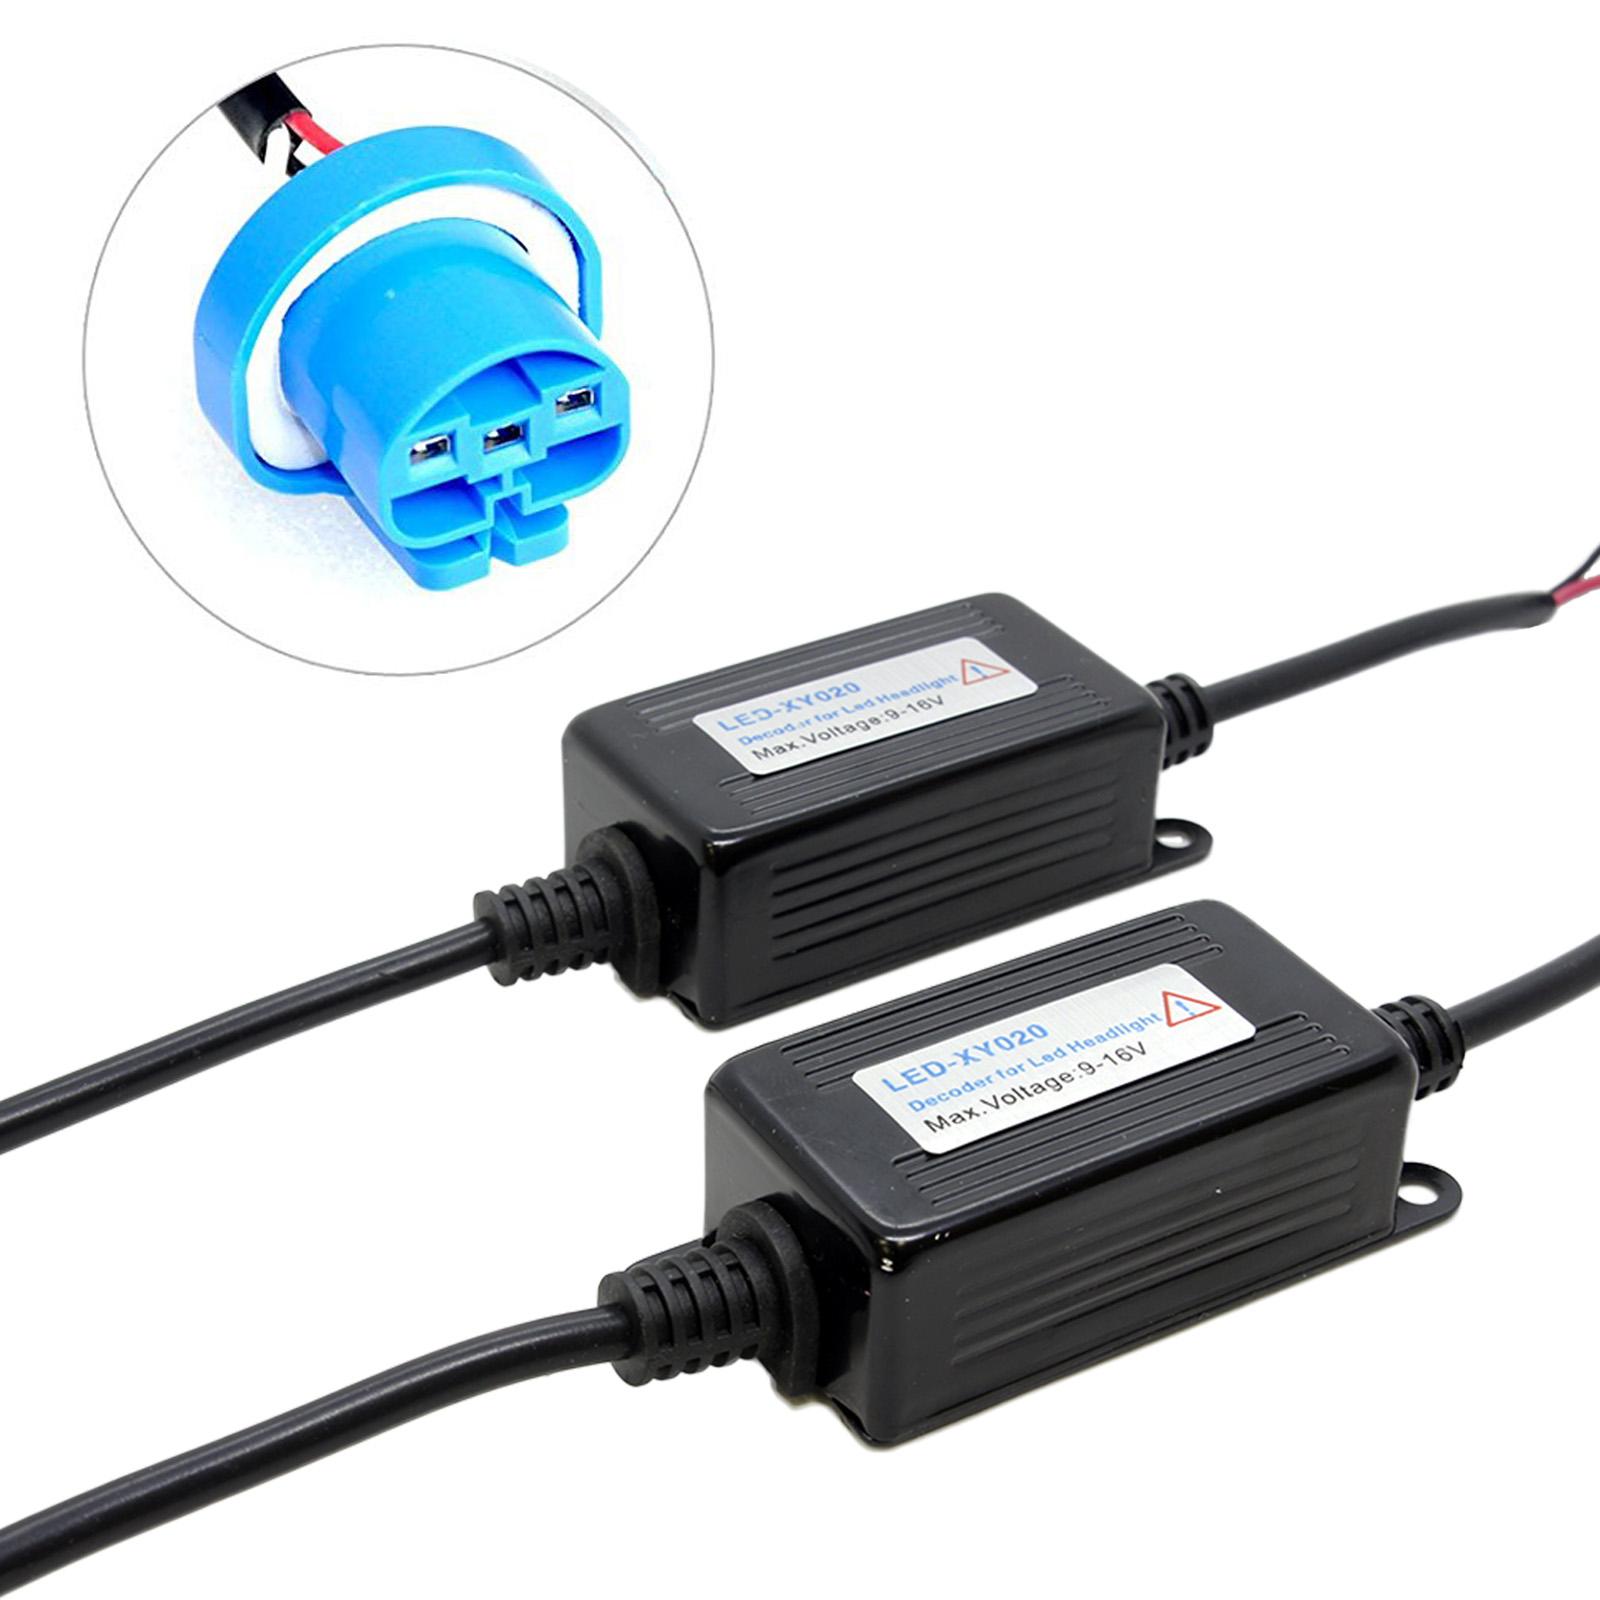 2x 9007 9004 LED Canbus Headlight Warning Error Canceller Kit Resistor Decoder